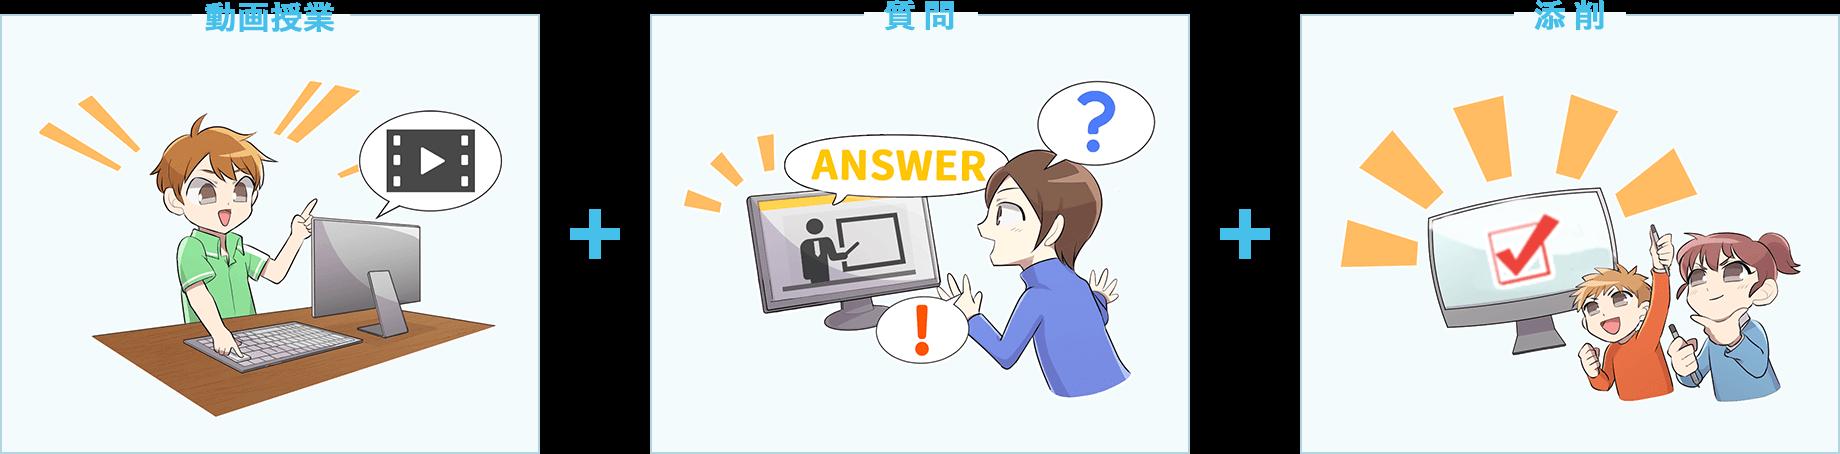 動画授業+質問+添削